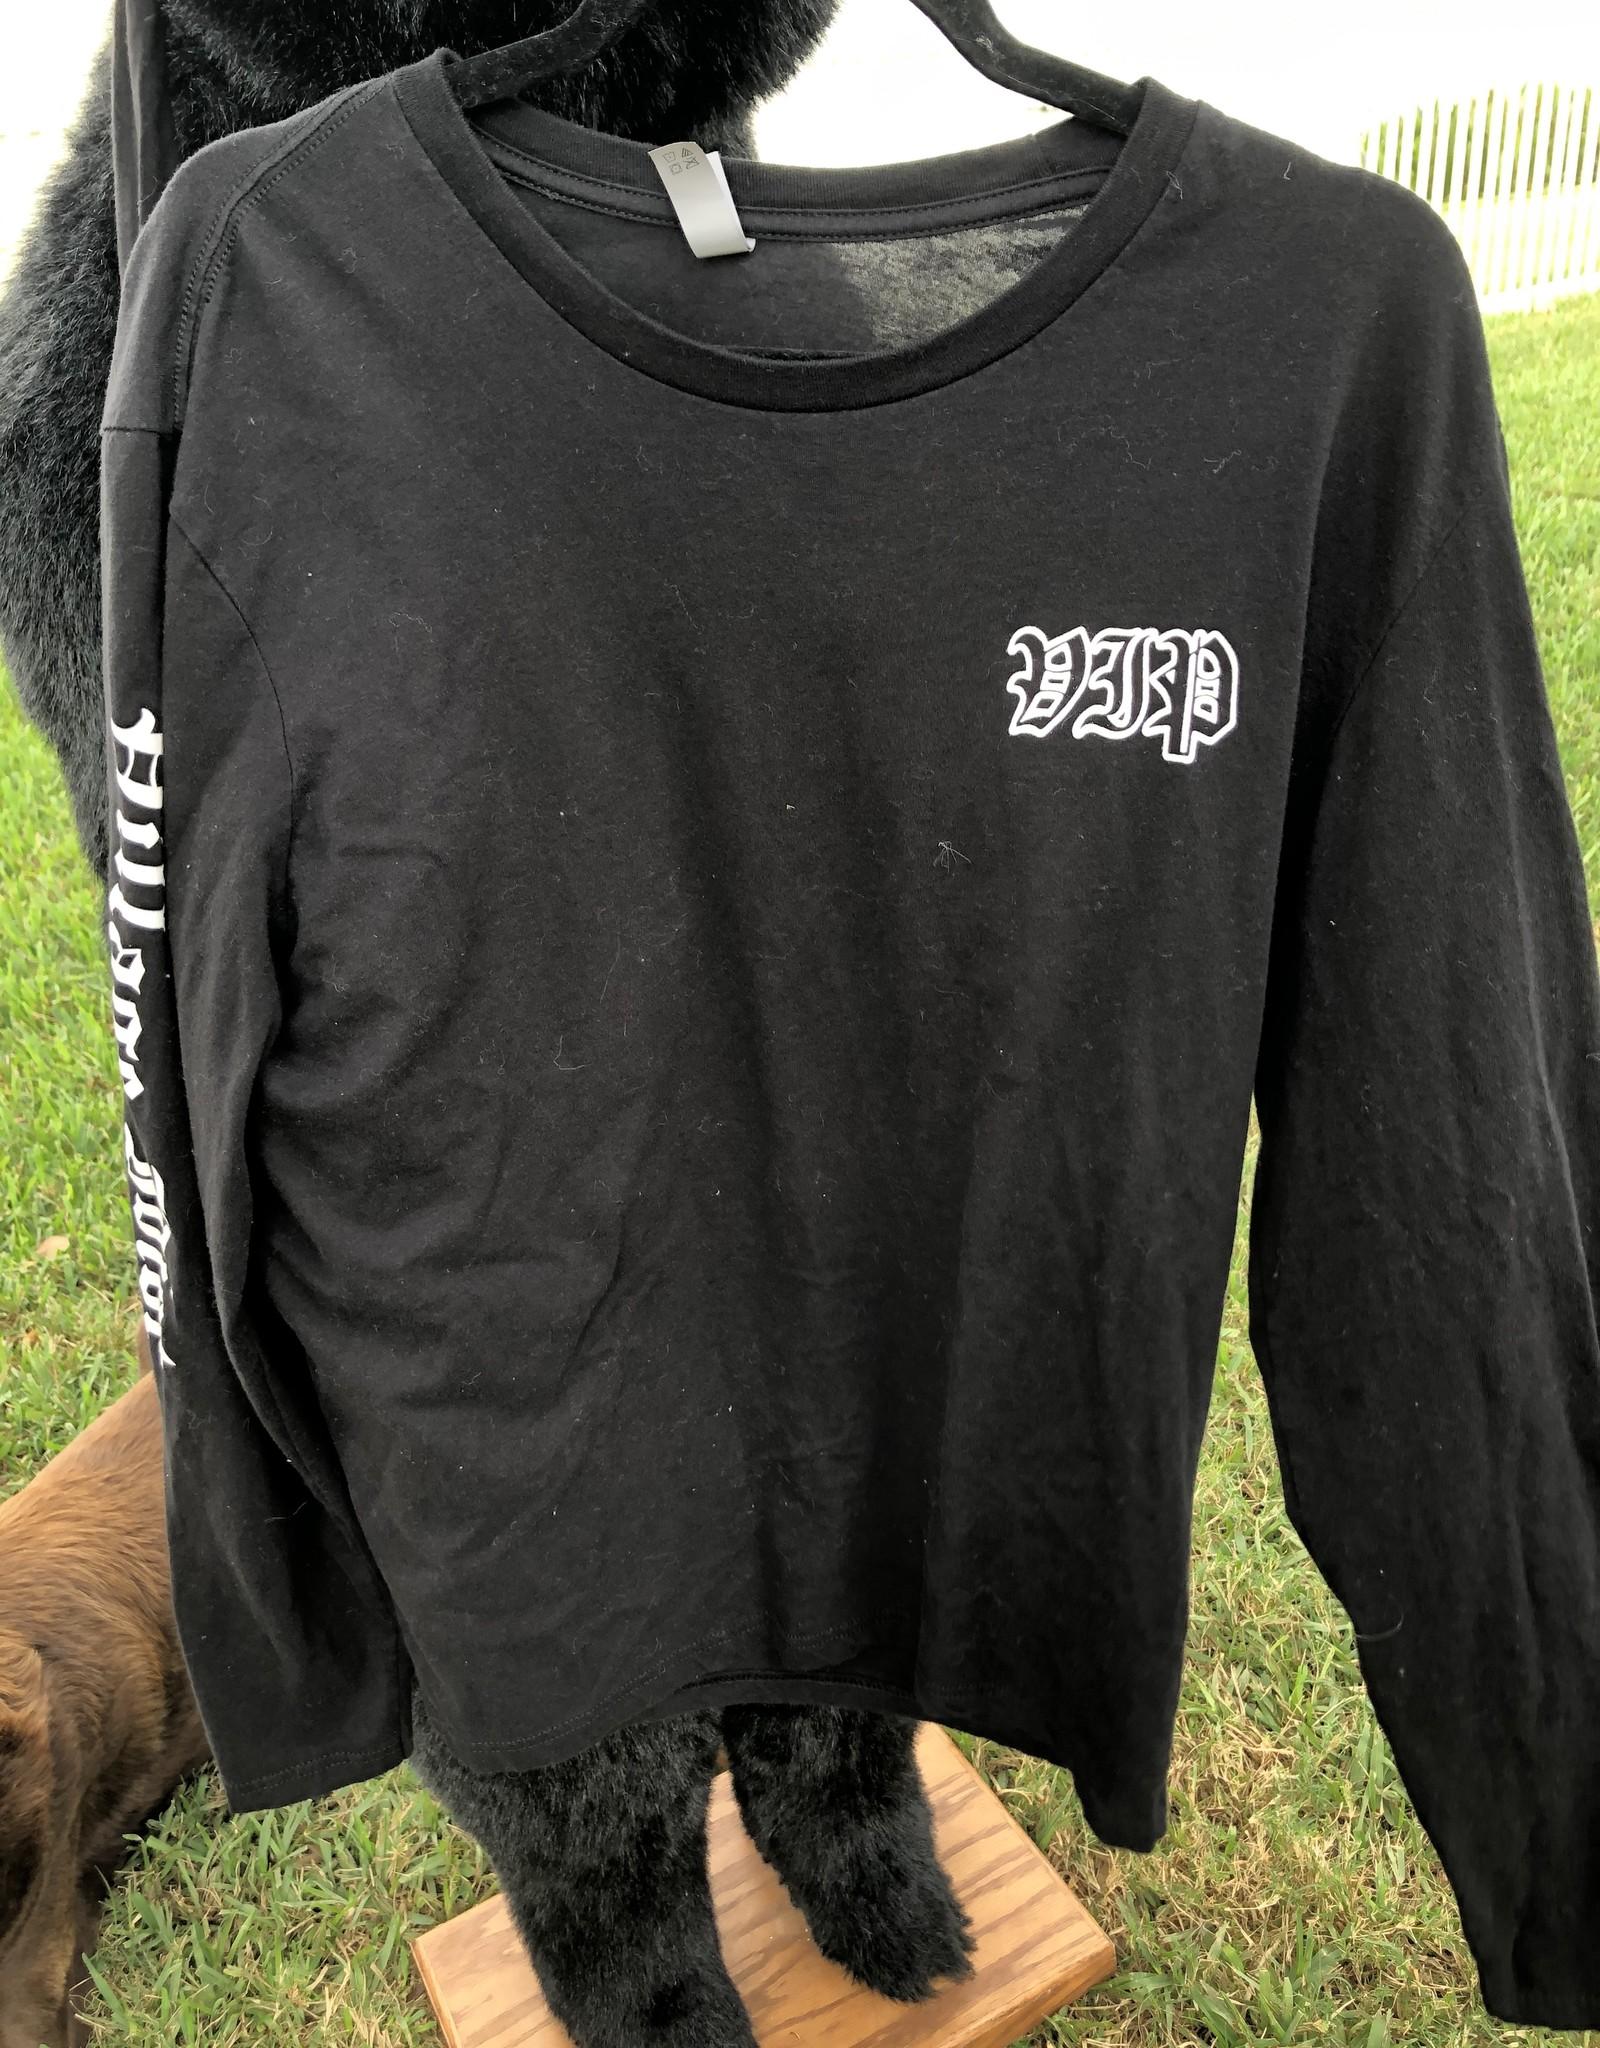 Long Sleeve VIP Black Shirt